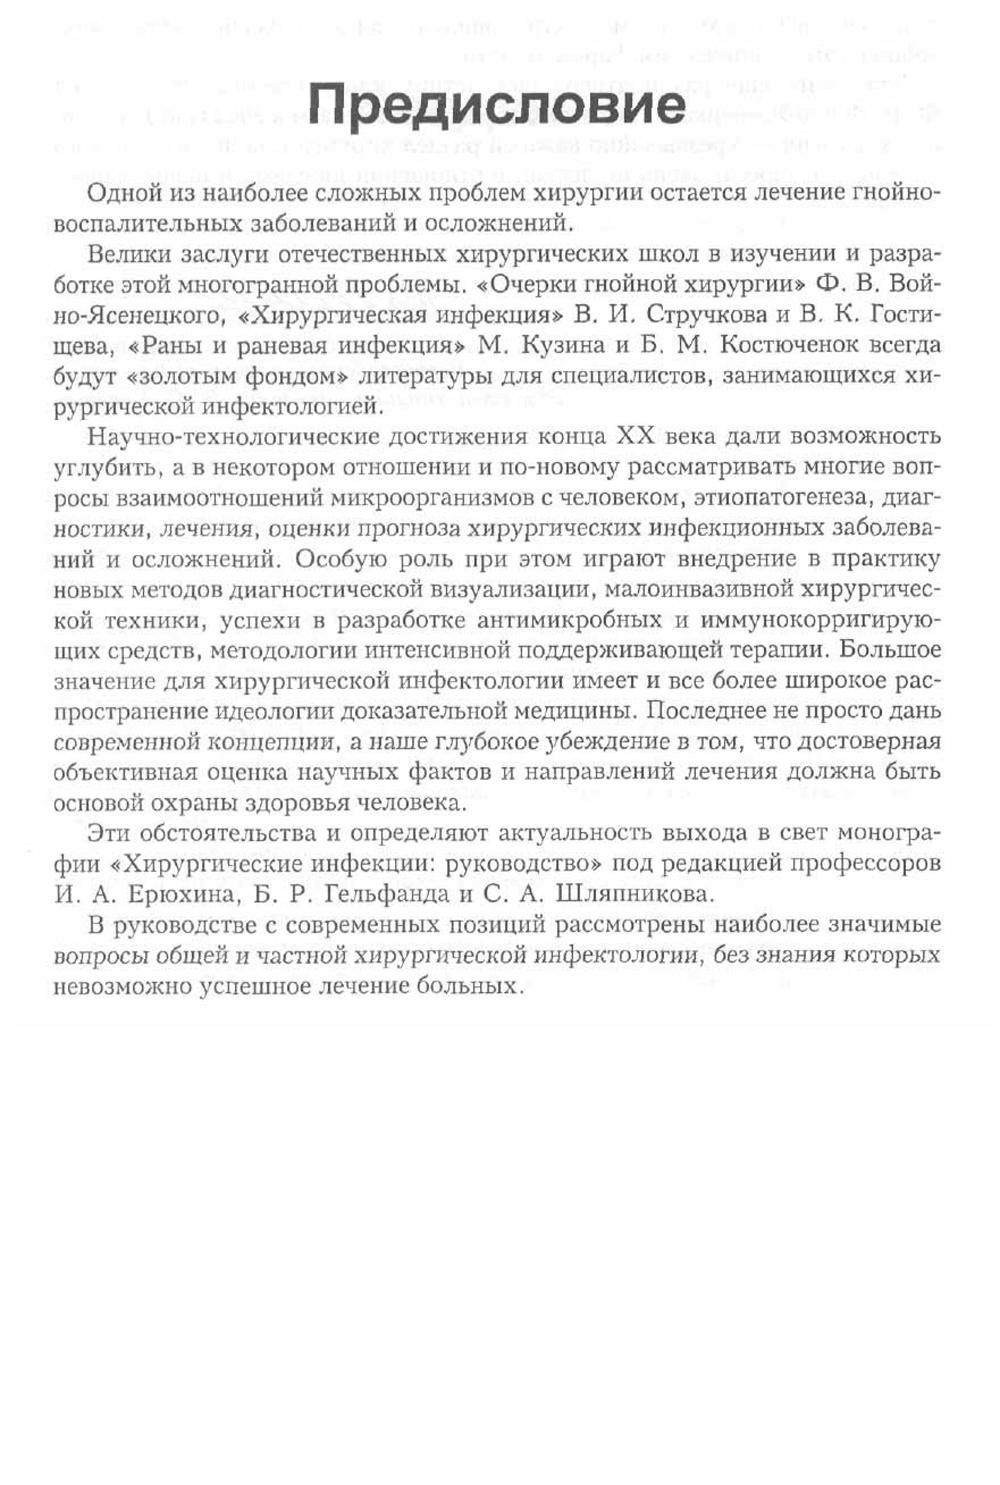 http://ipic.su/img/img7/fs/Vvedenie_014.1592659174.jpg